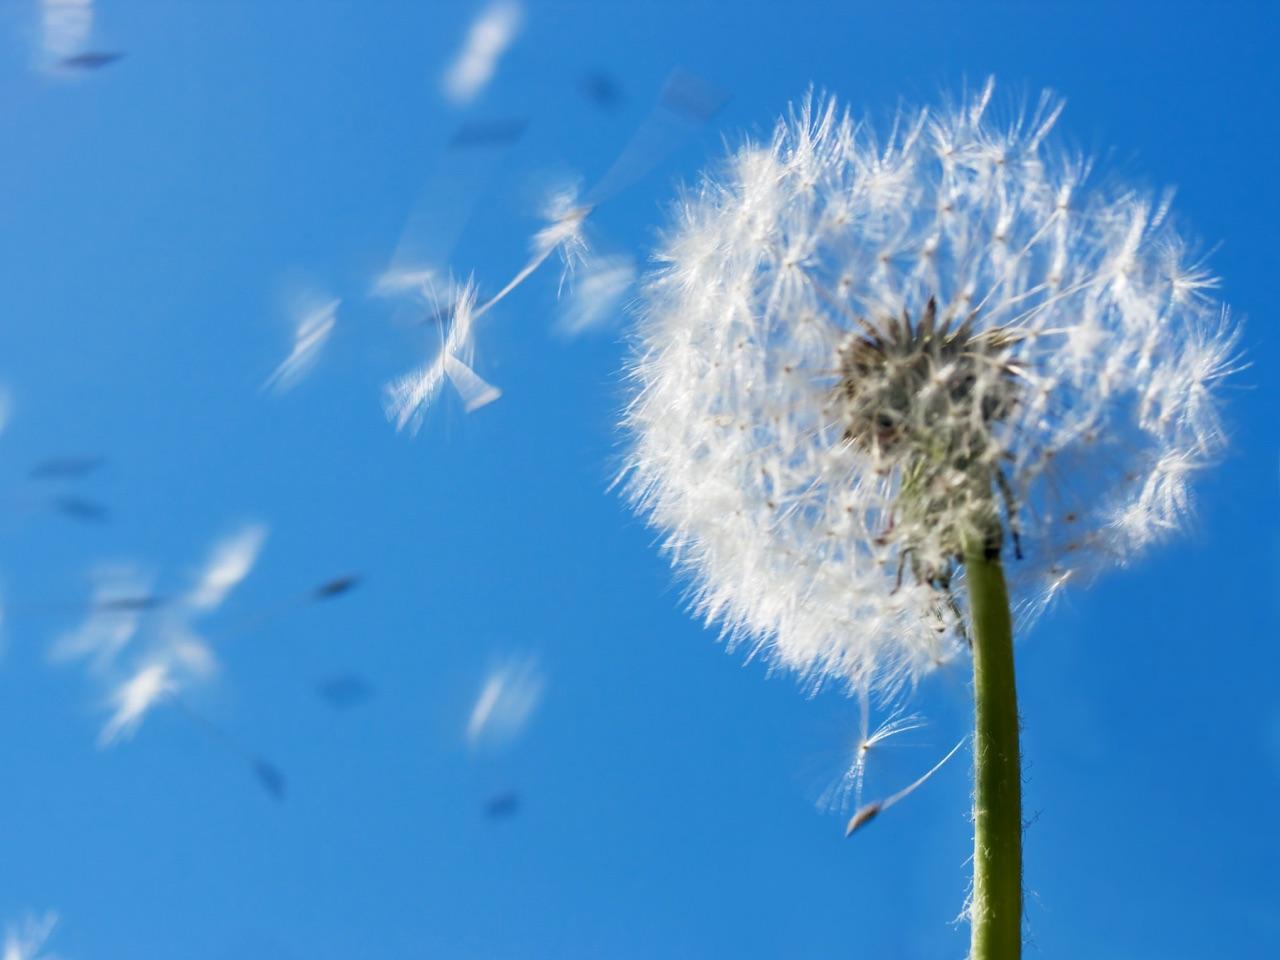 dandelion, vacuums for allergies